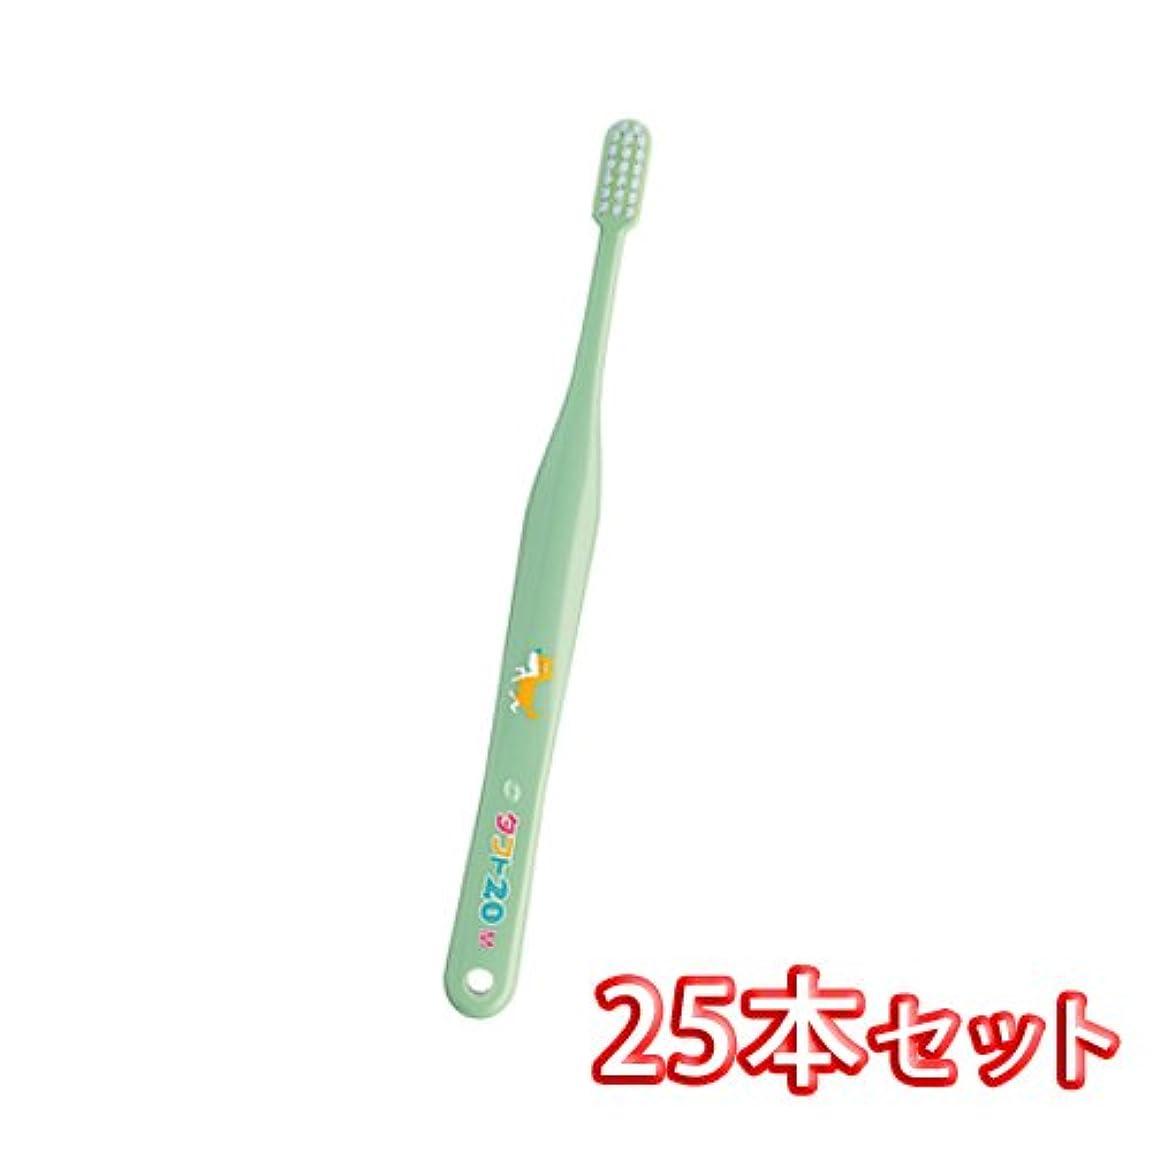 オーラルケア タフト 20 歯ブラシ プレミアムソフト 25本入(タフト20(PS)グリーン)